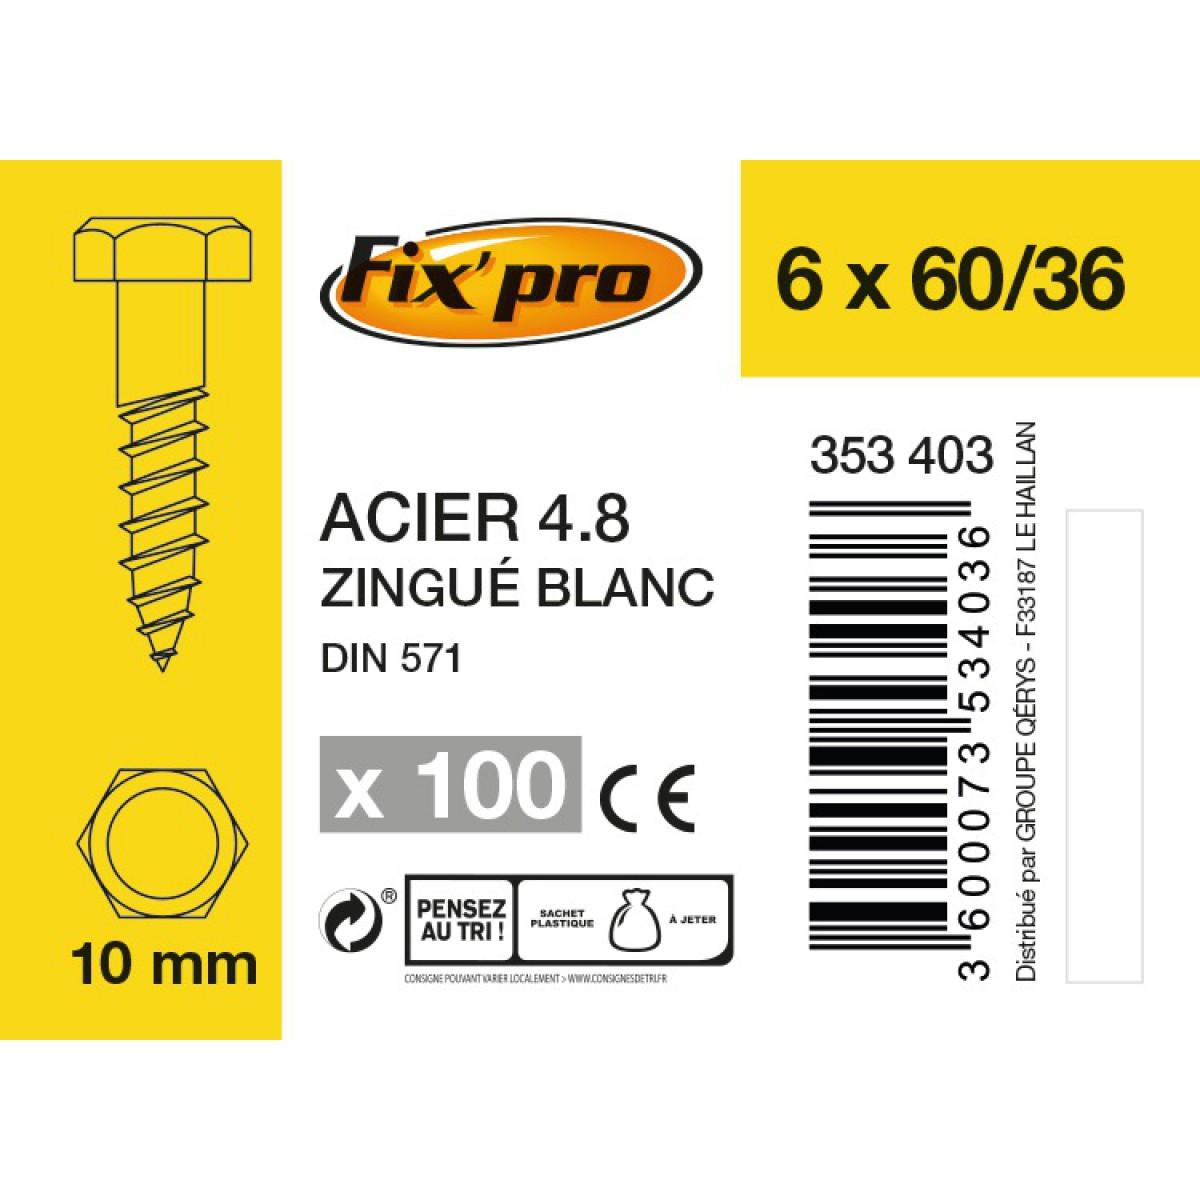 Tirefond tête hexagonale acier zingué - 6x60/36 - 100pces - Fixpro